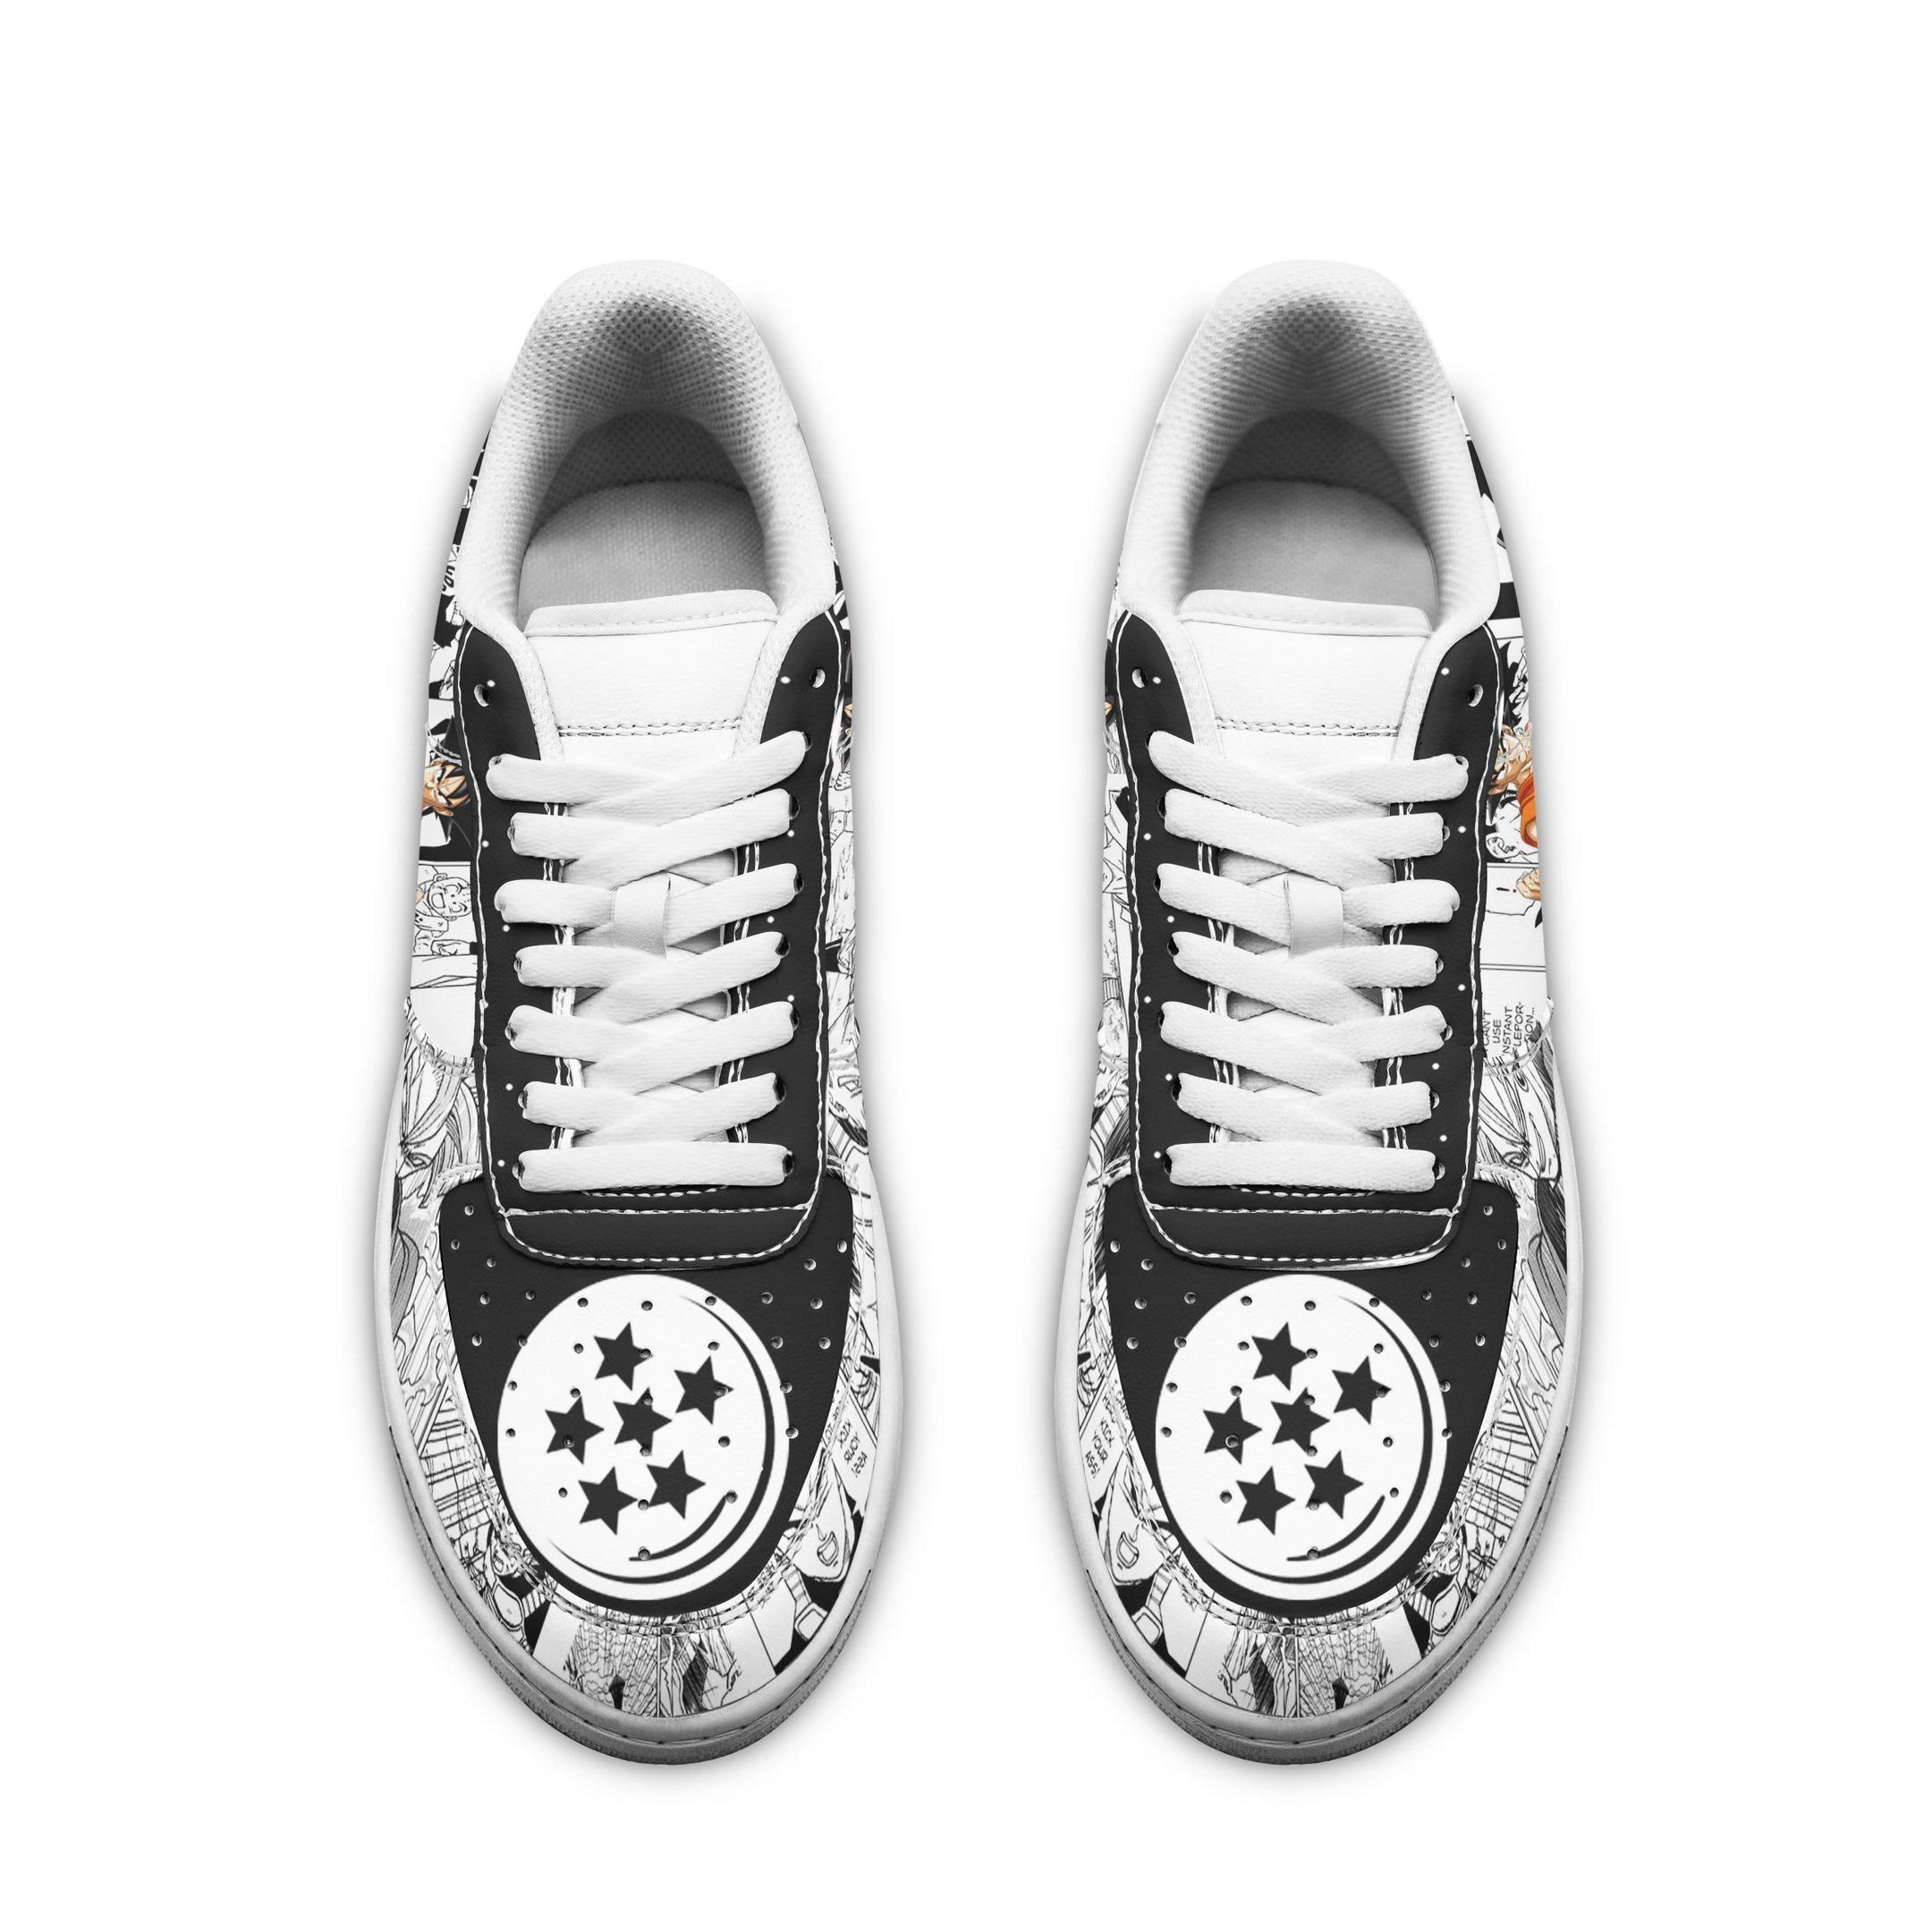 Dragon Ball Air Sneakers Custom Mixed Manga Anime Shoes GO1012